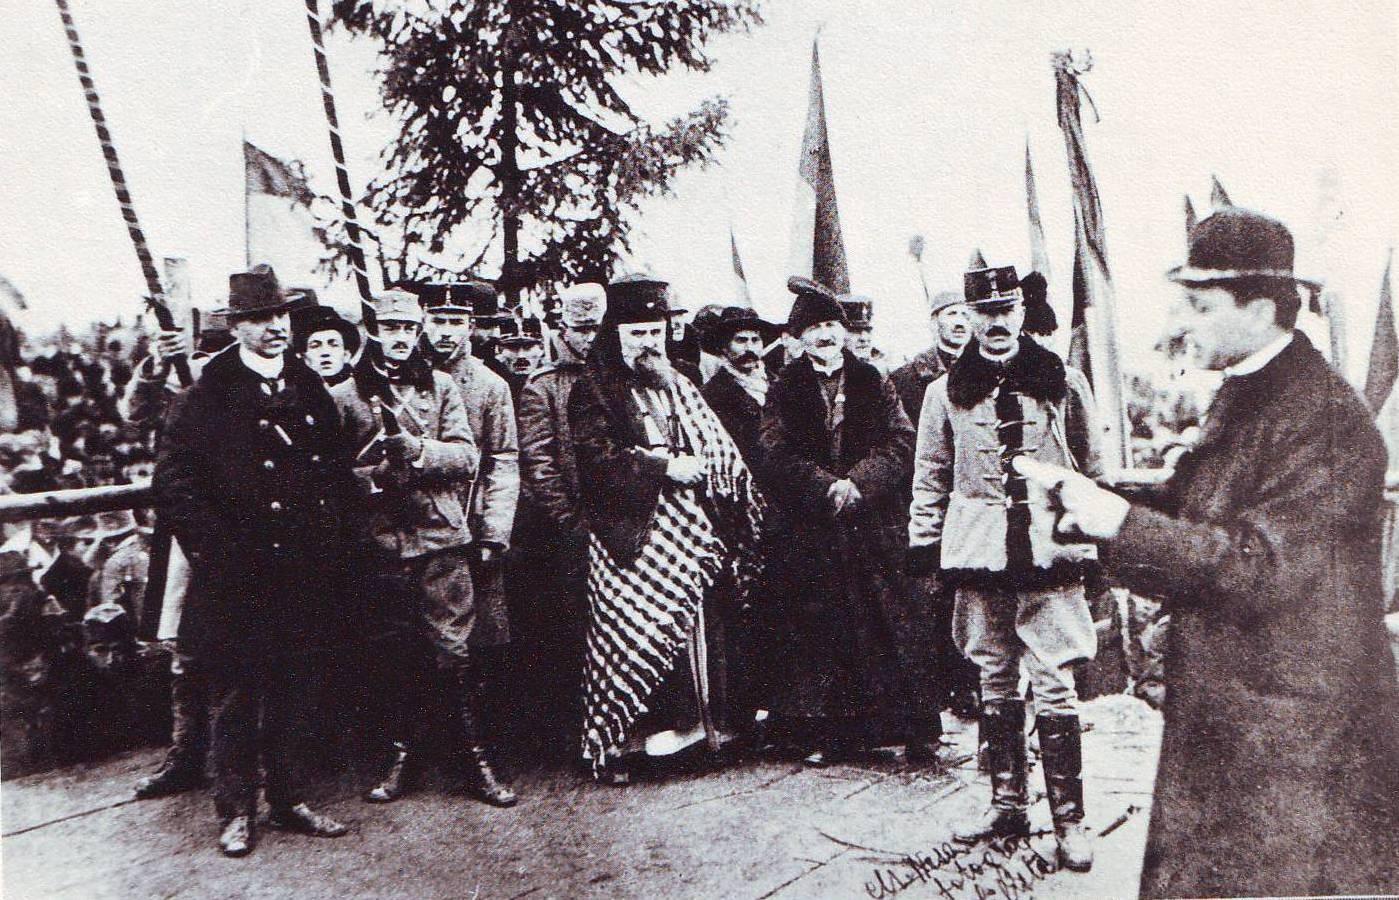 Episcopul Iuliu Hossu citind rezolutiunea Alba Iulia 1918